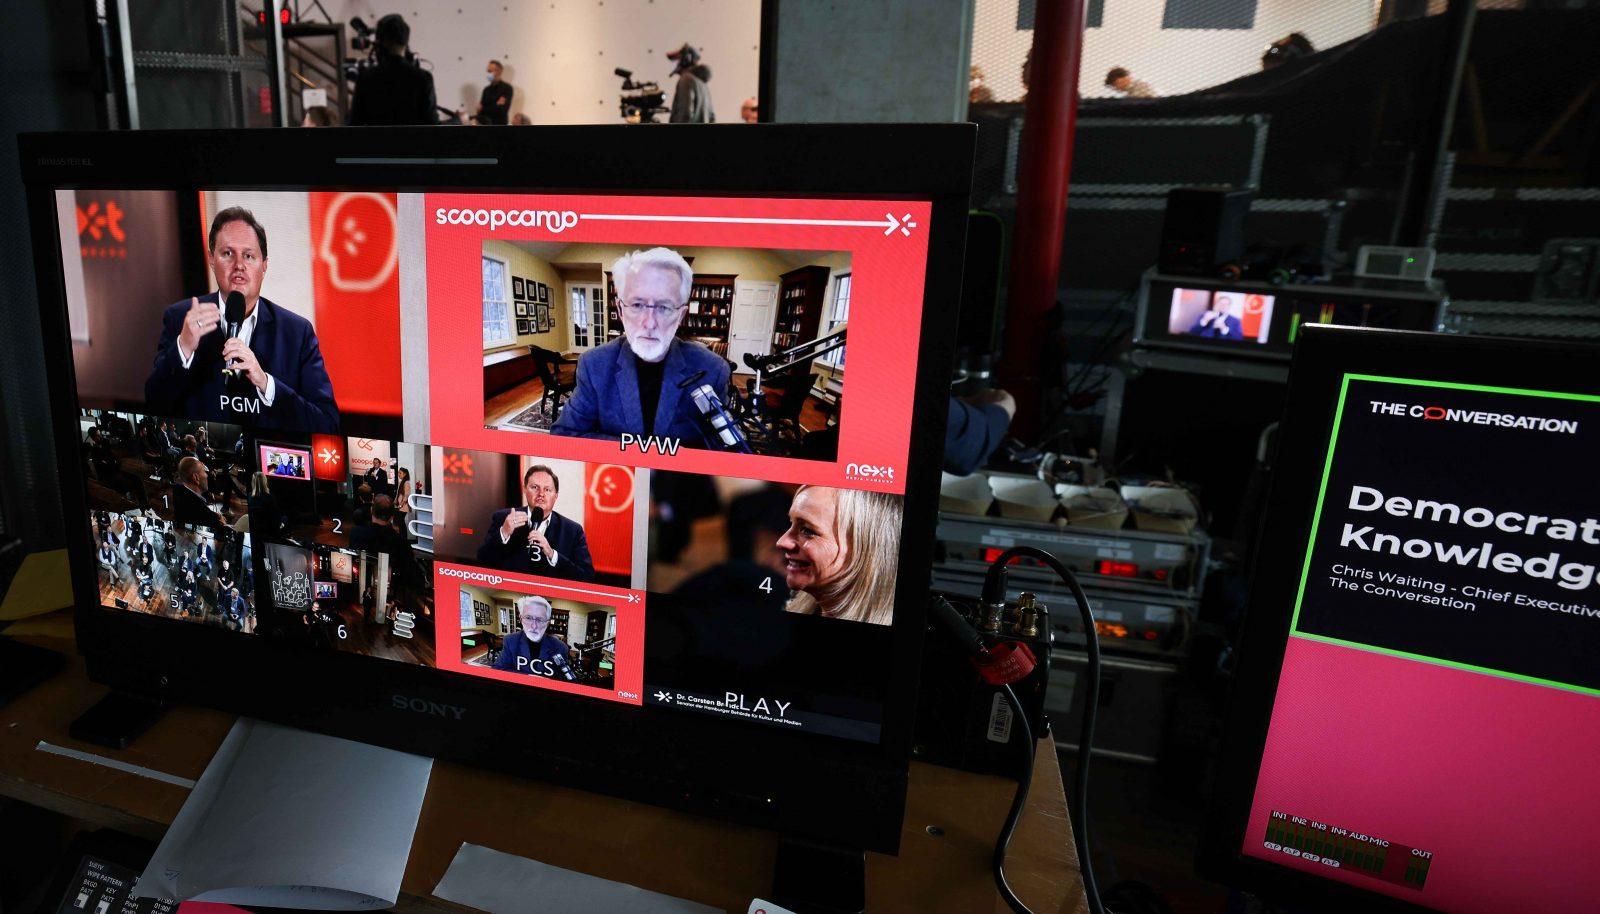 In seiner Laudatio lobte Hamburgs Senator für Kultur und Medien Jarvis' Verdienste um die digitale Zukunft des Journalismus.